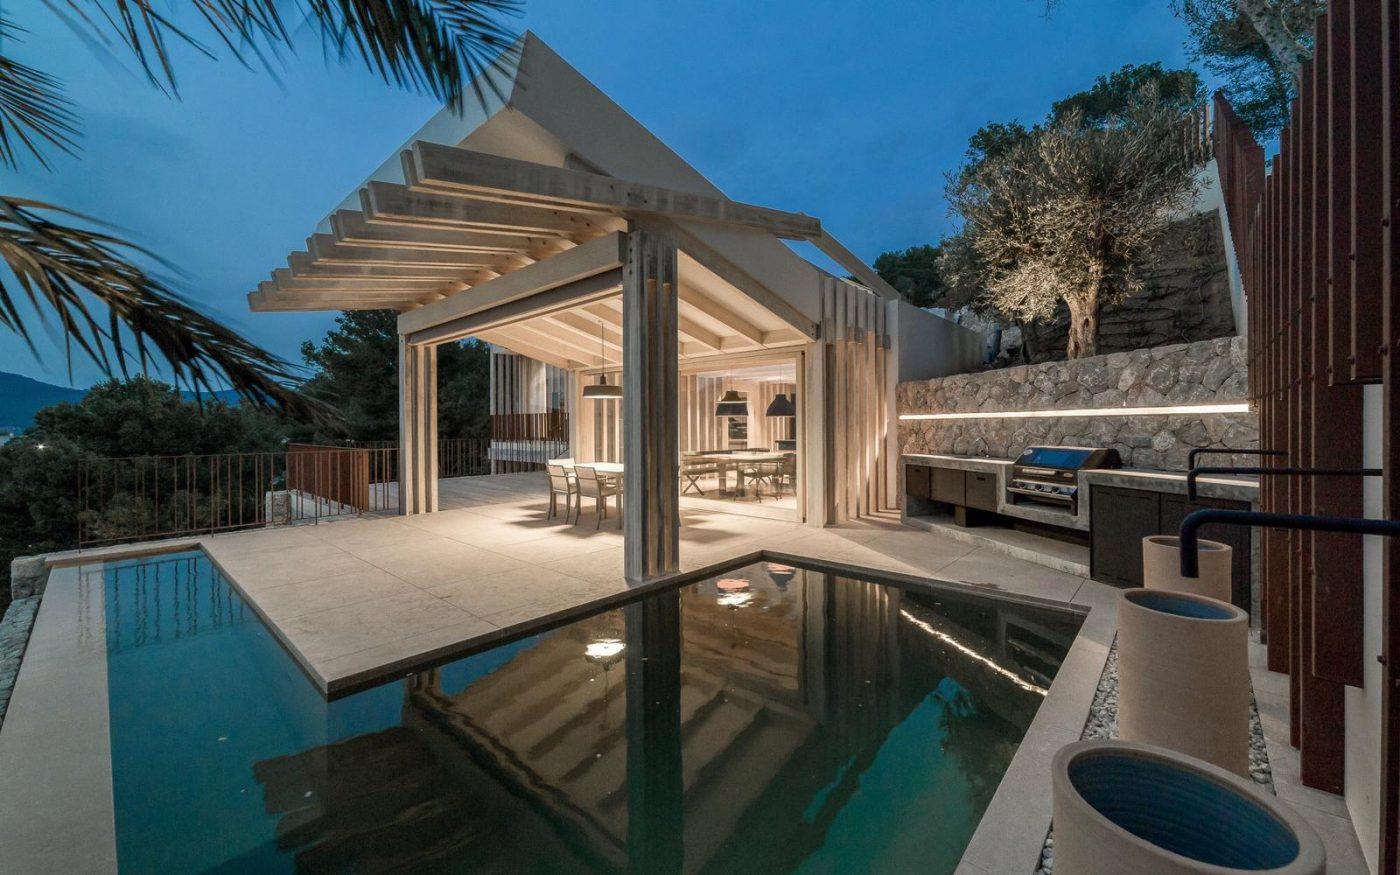 Los sistemas domóticos en las viviendas de madera